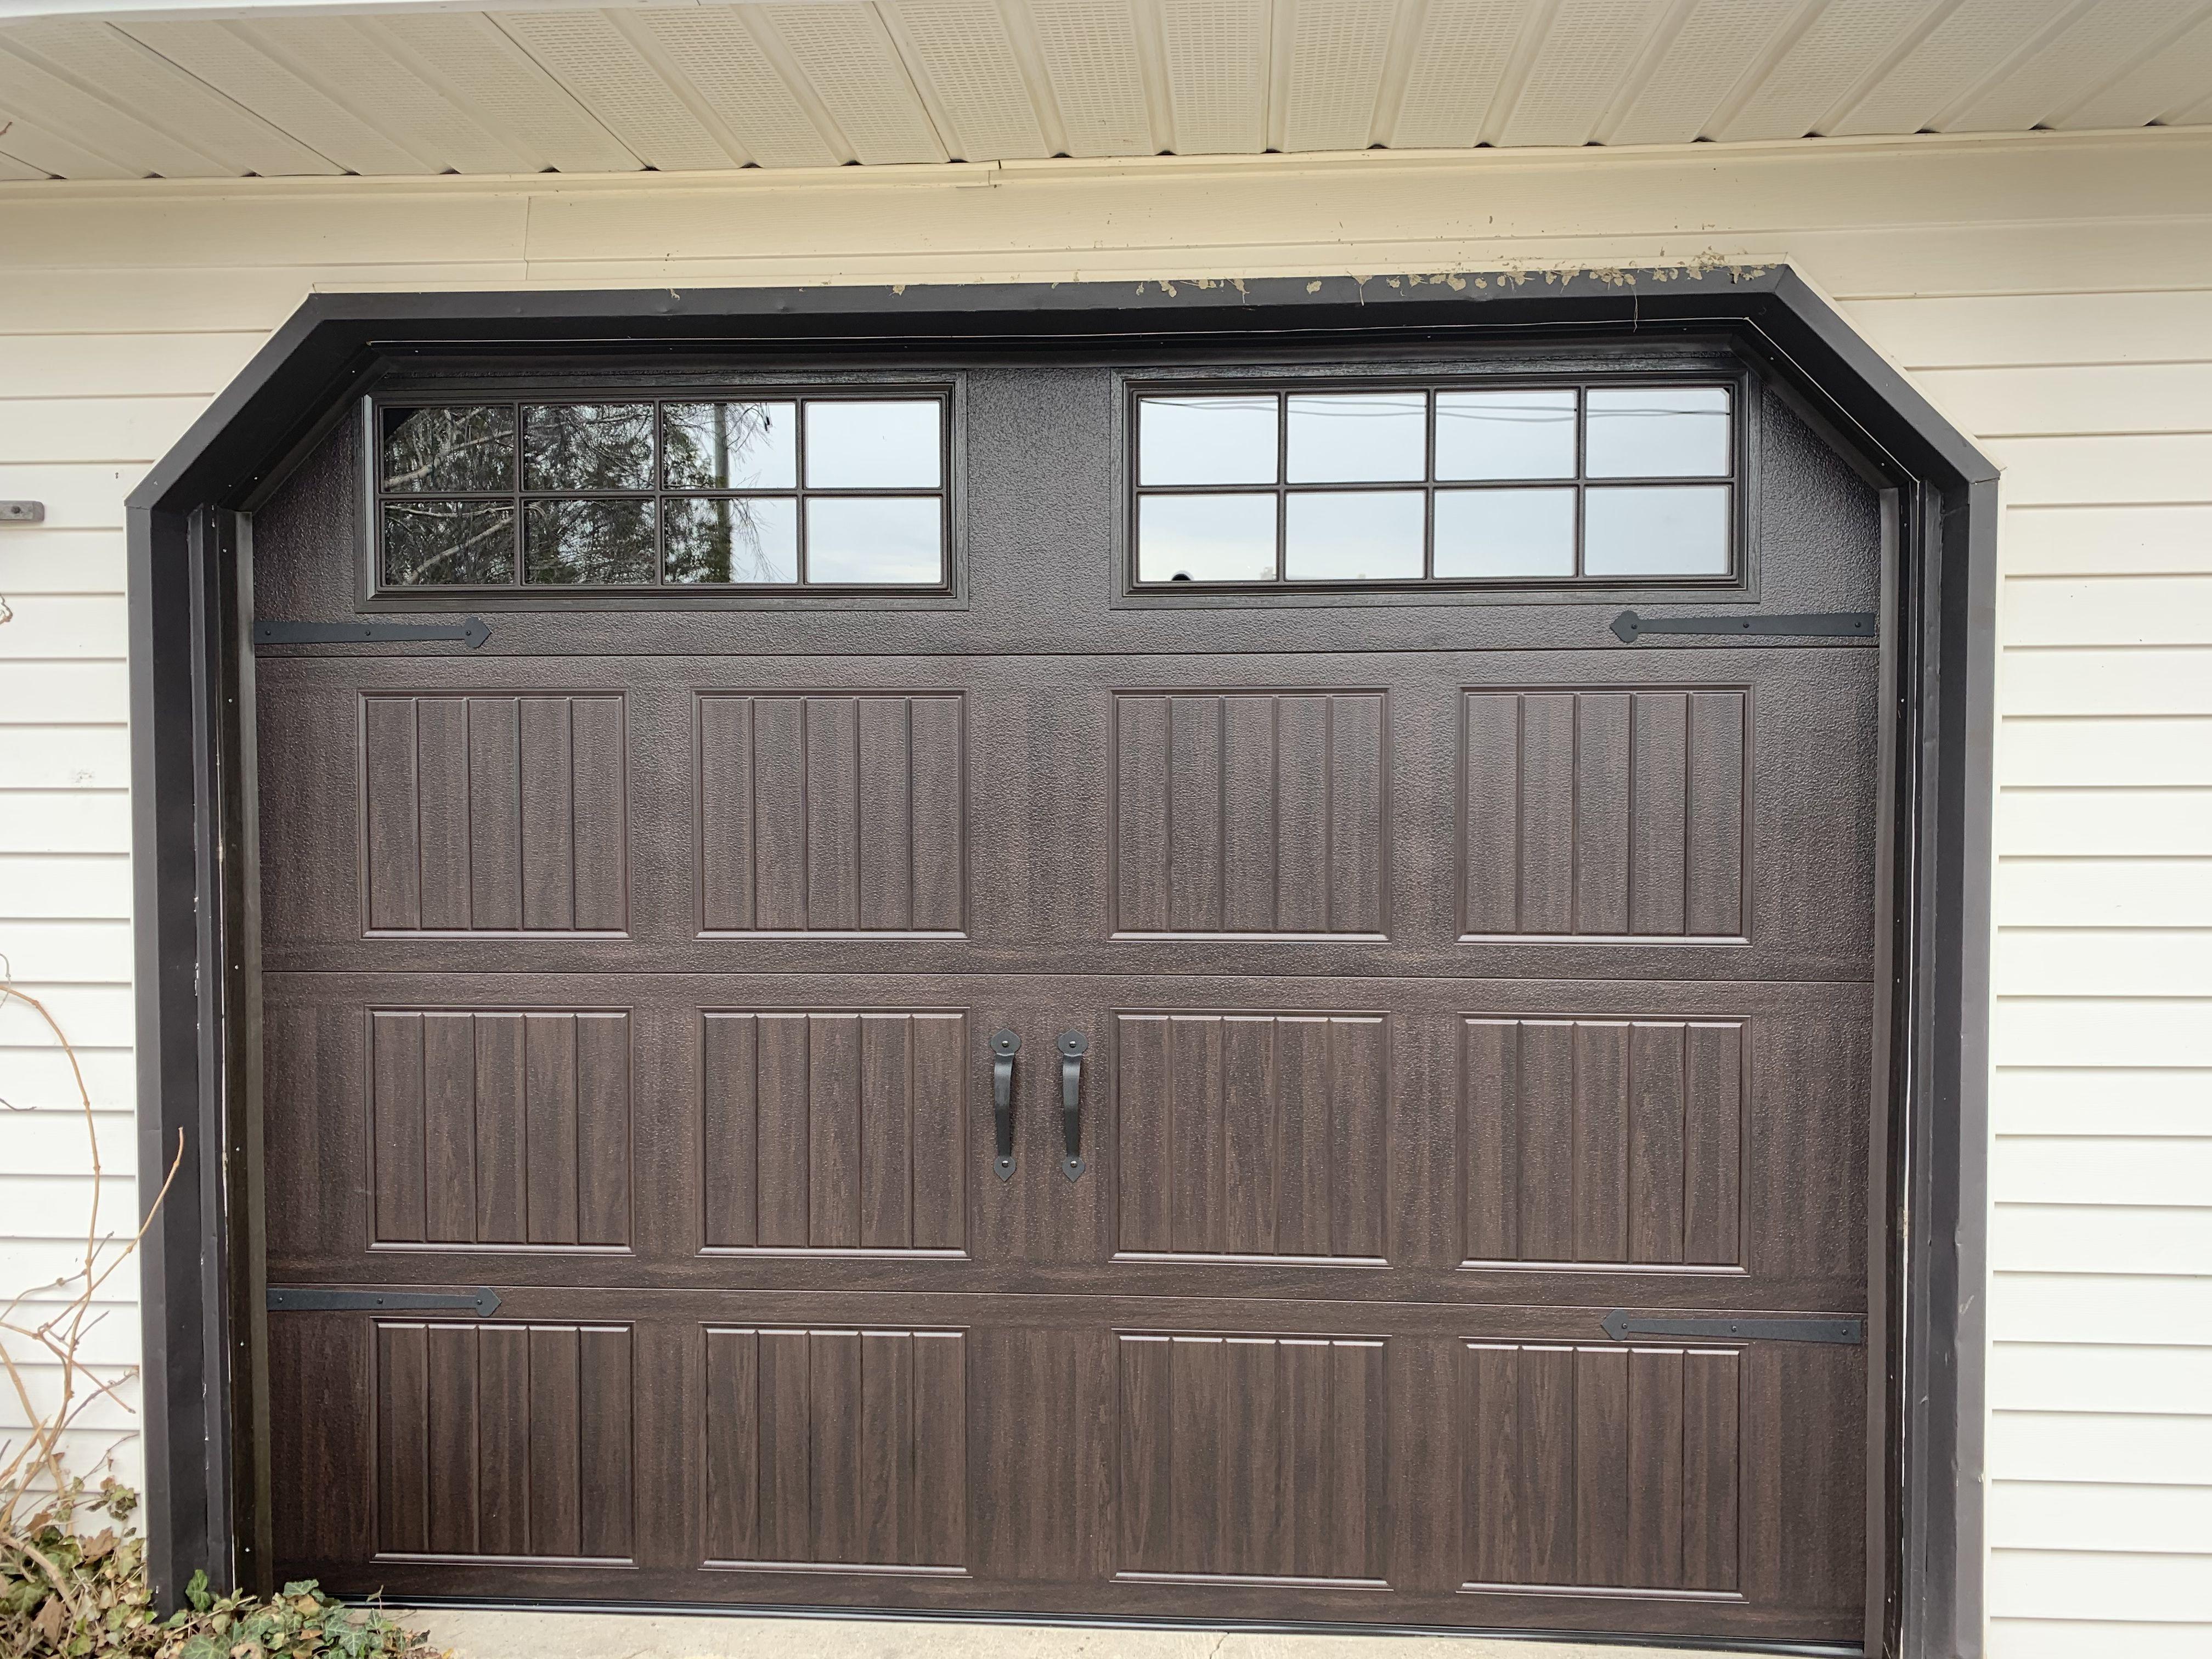 Wayne Dalton Garage Doors Doors Garage Waynedalton In 2020 Wayne Dalton Garage Doors Garage Doors Garage Door Design